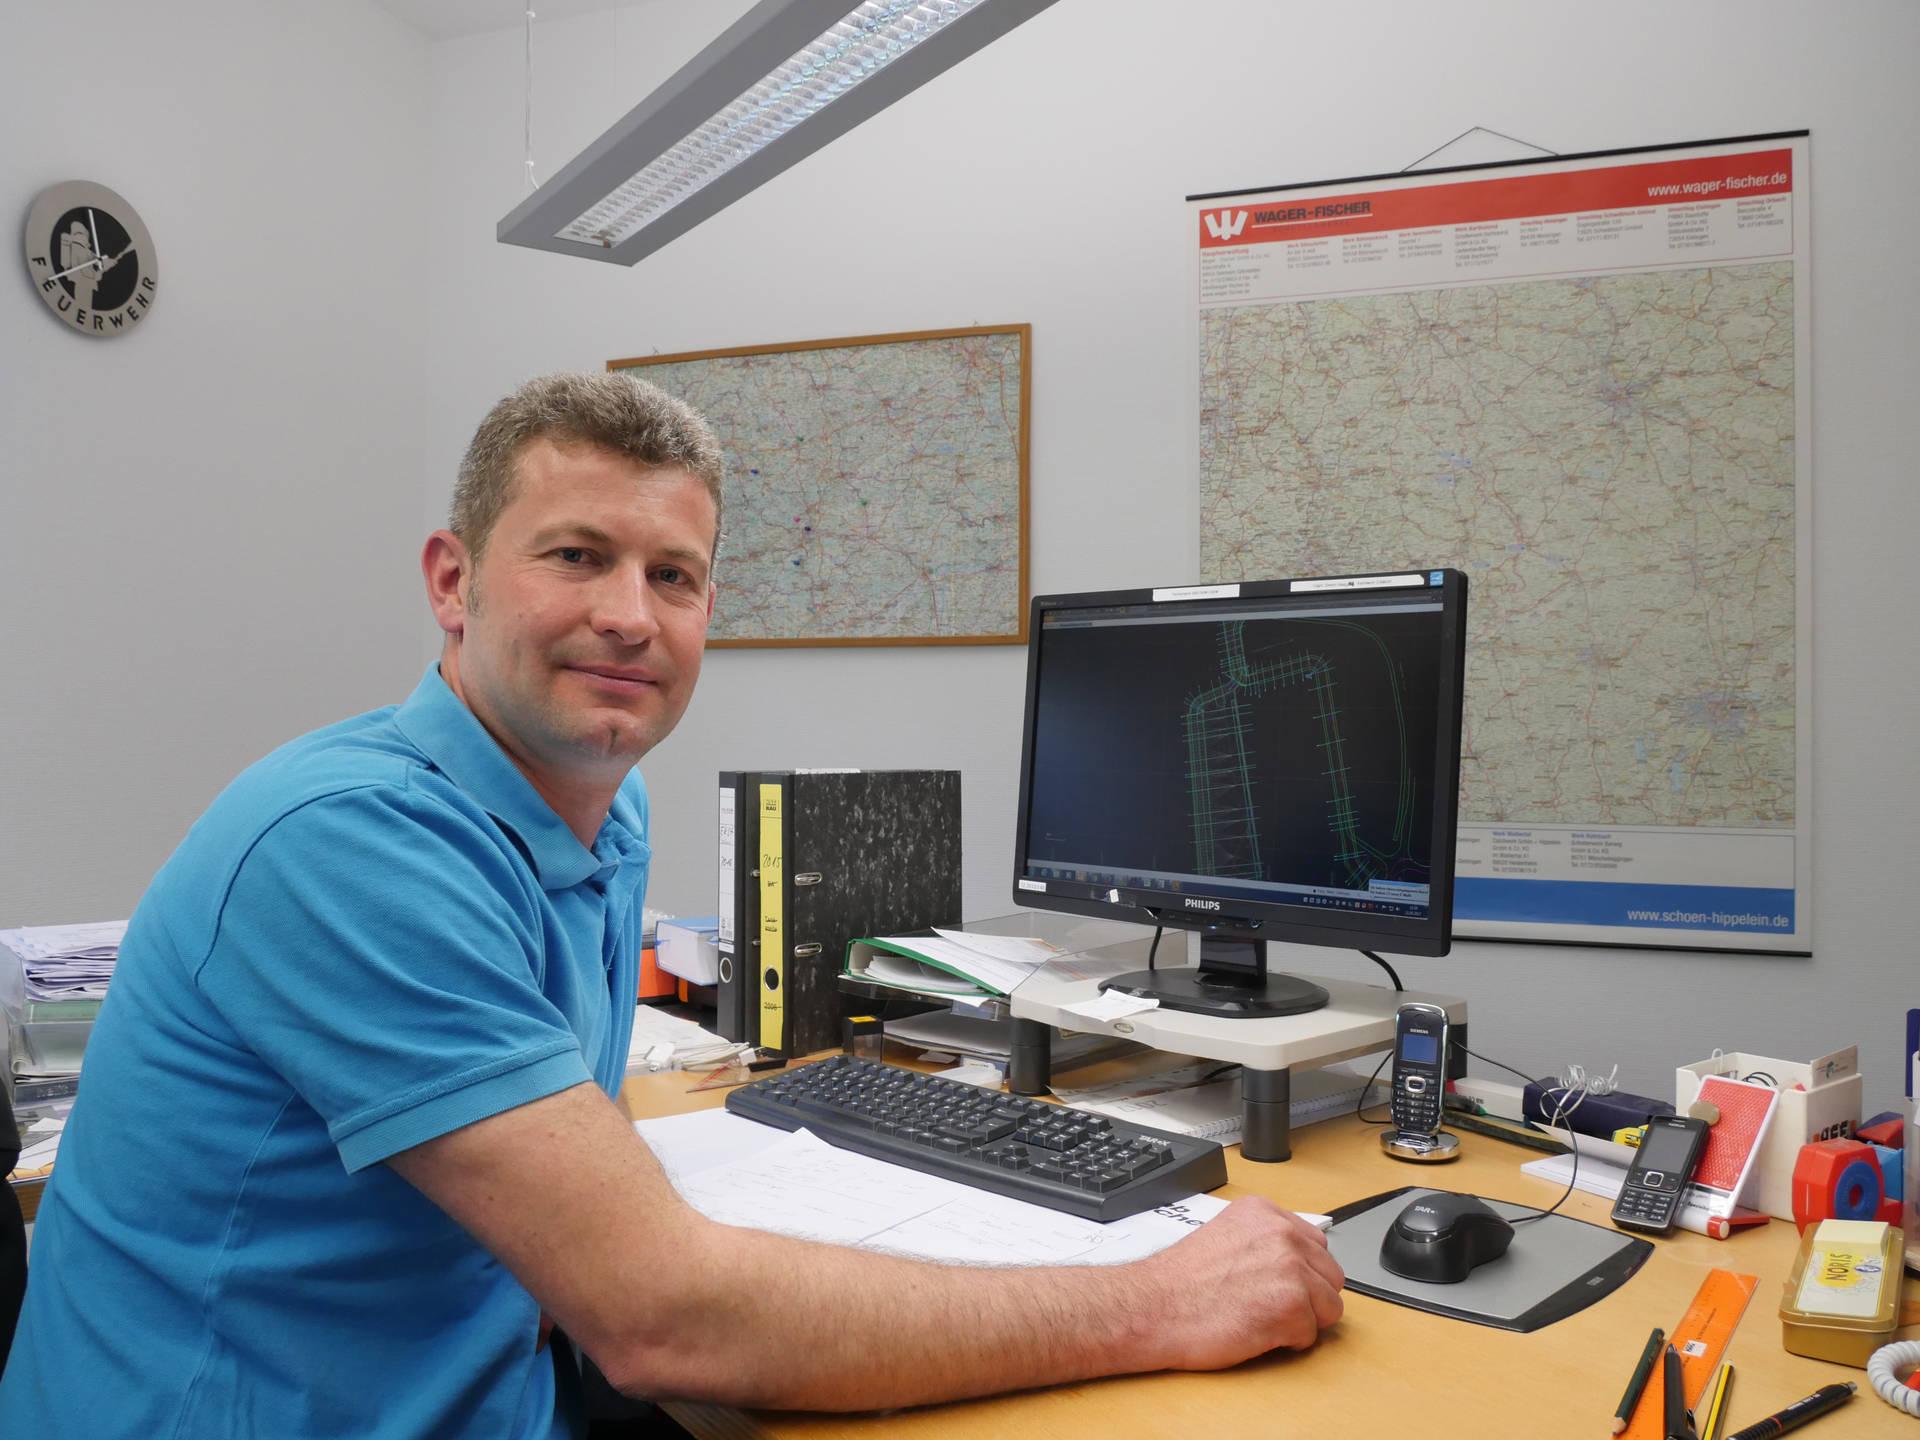 Simon Haag sieht die Zukunft im teilautonomen Fahren seiner Baumaschinen.